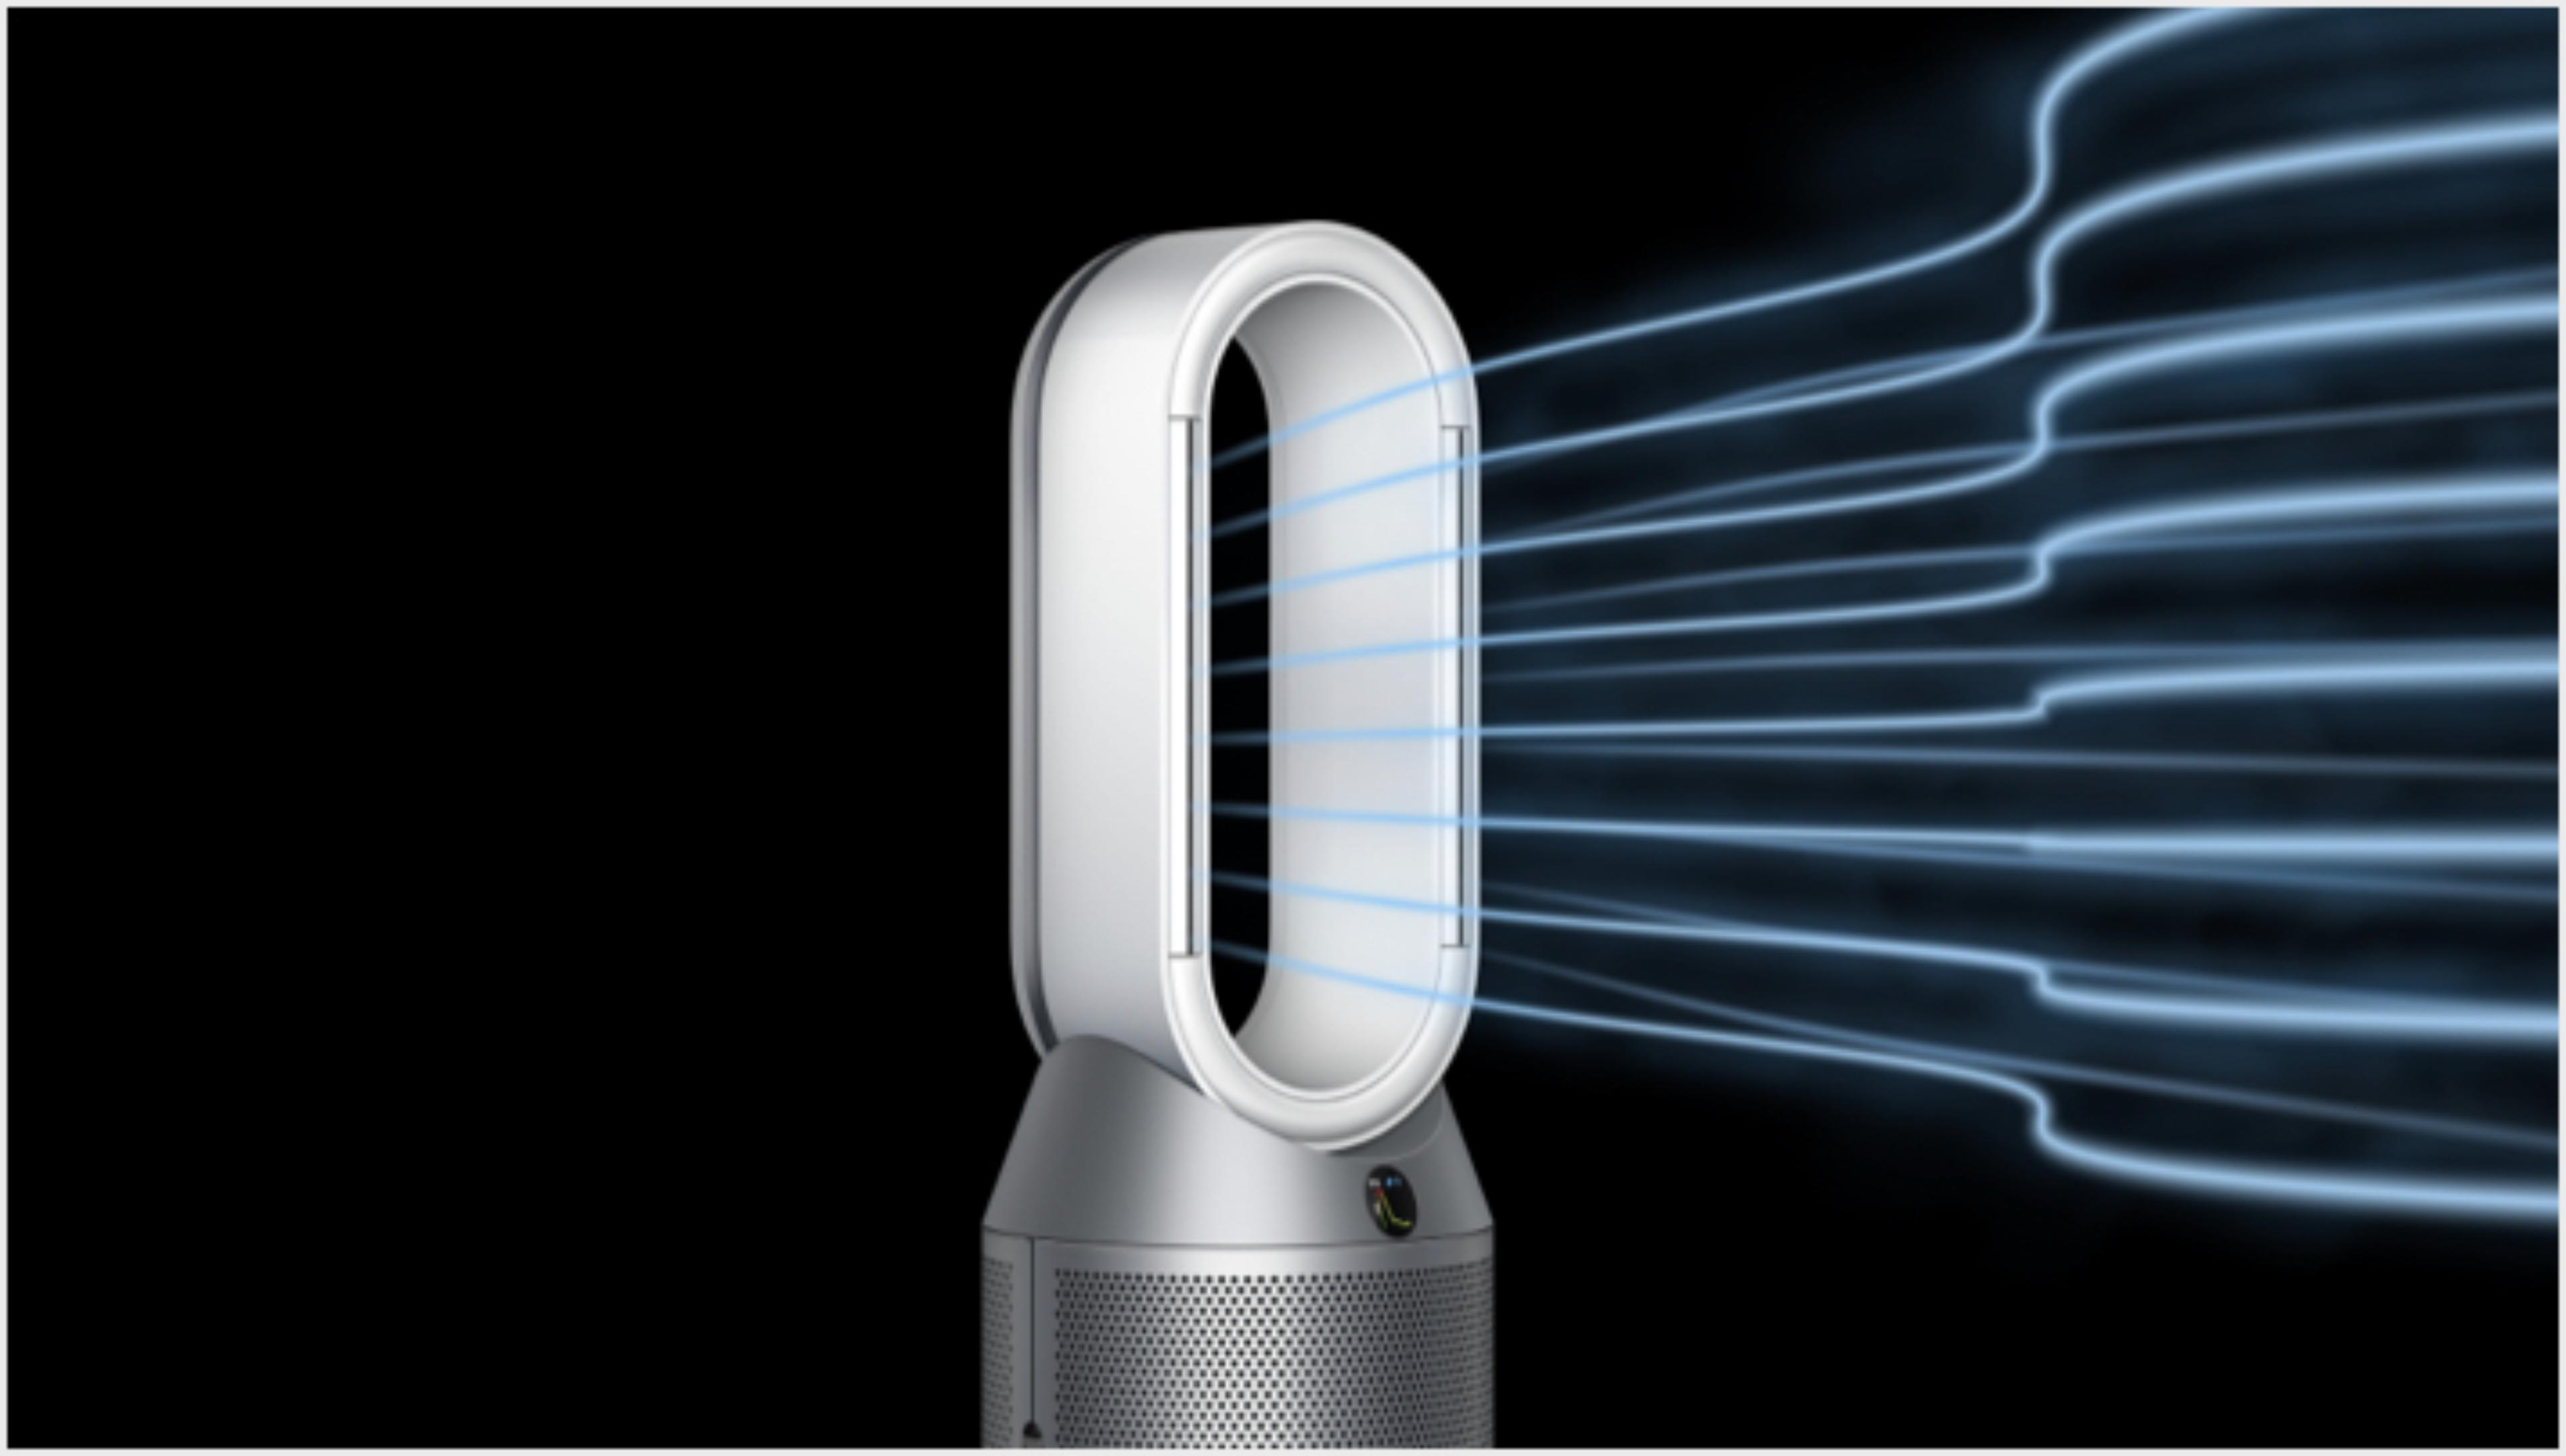 Przepływ powietrza pokazujący kierunek trybu bryzy